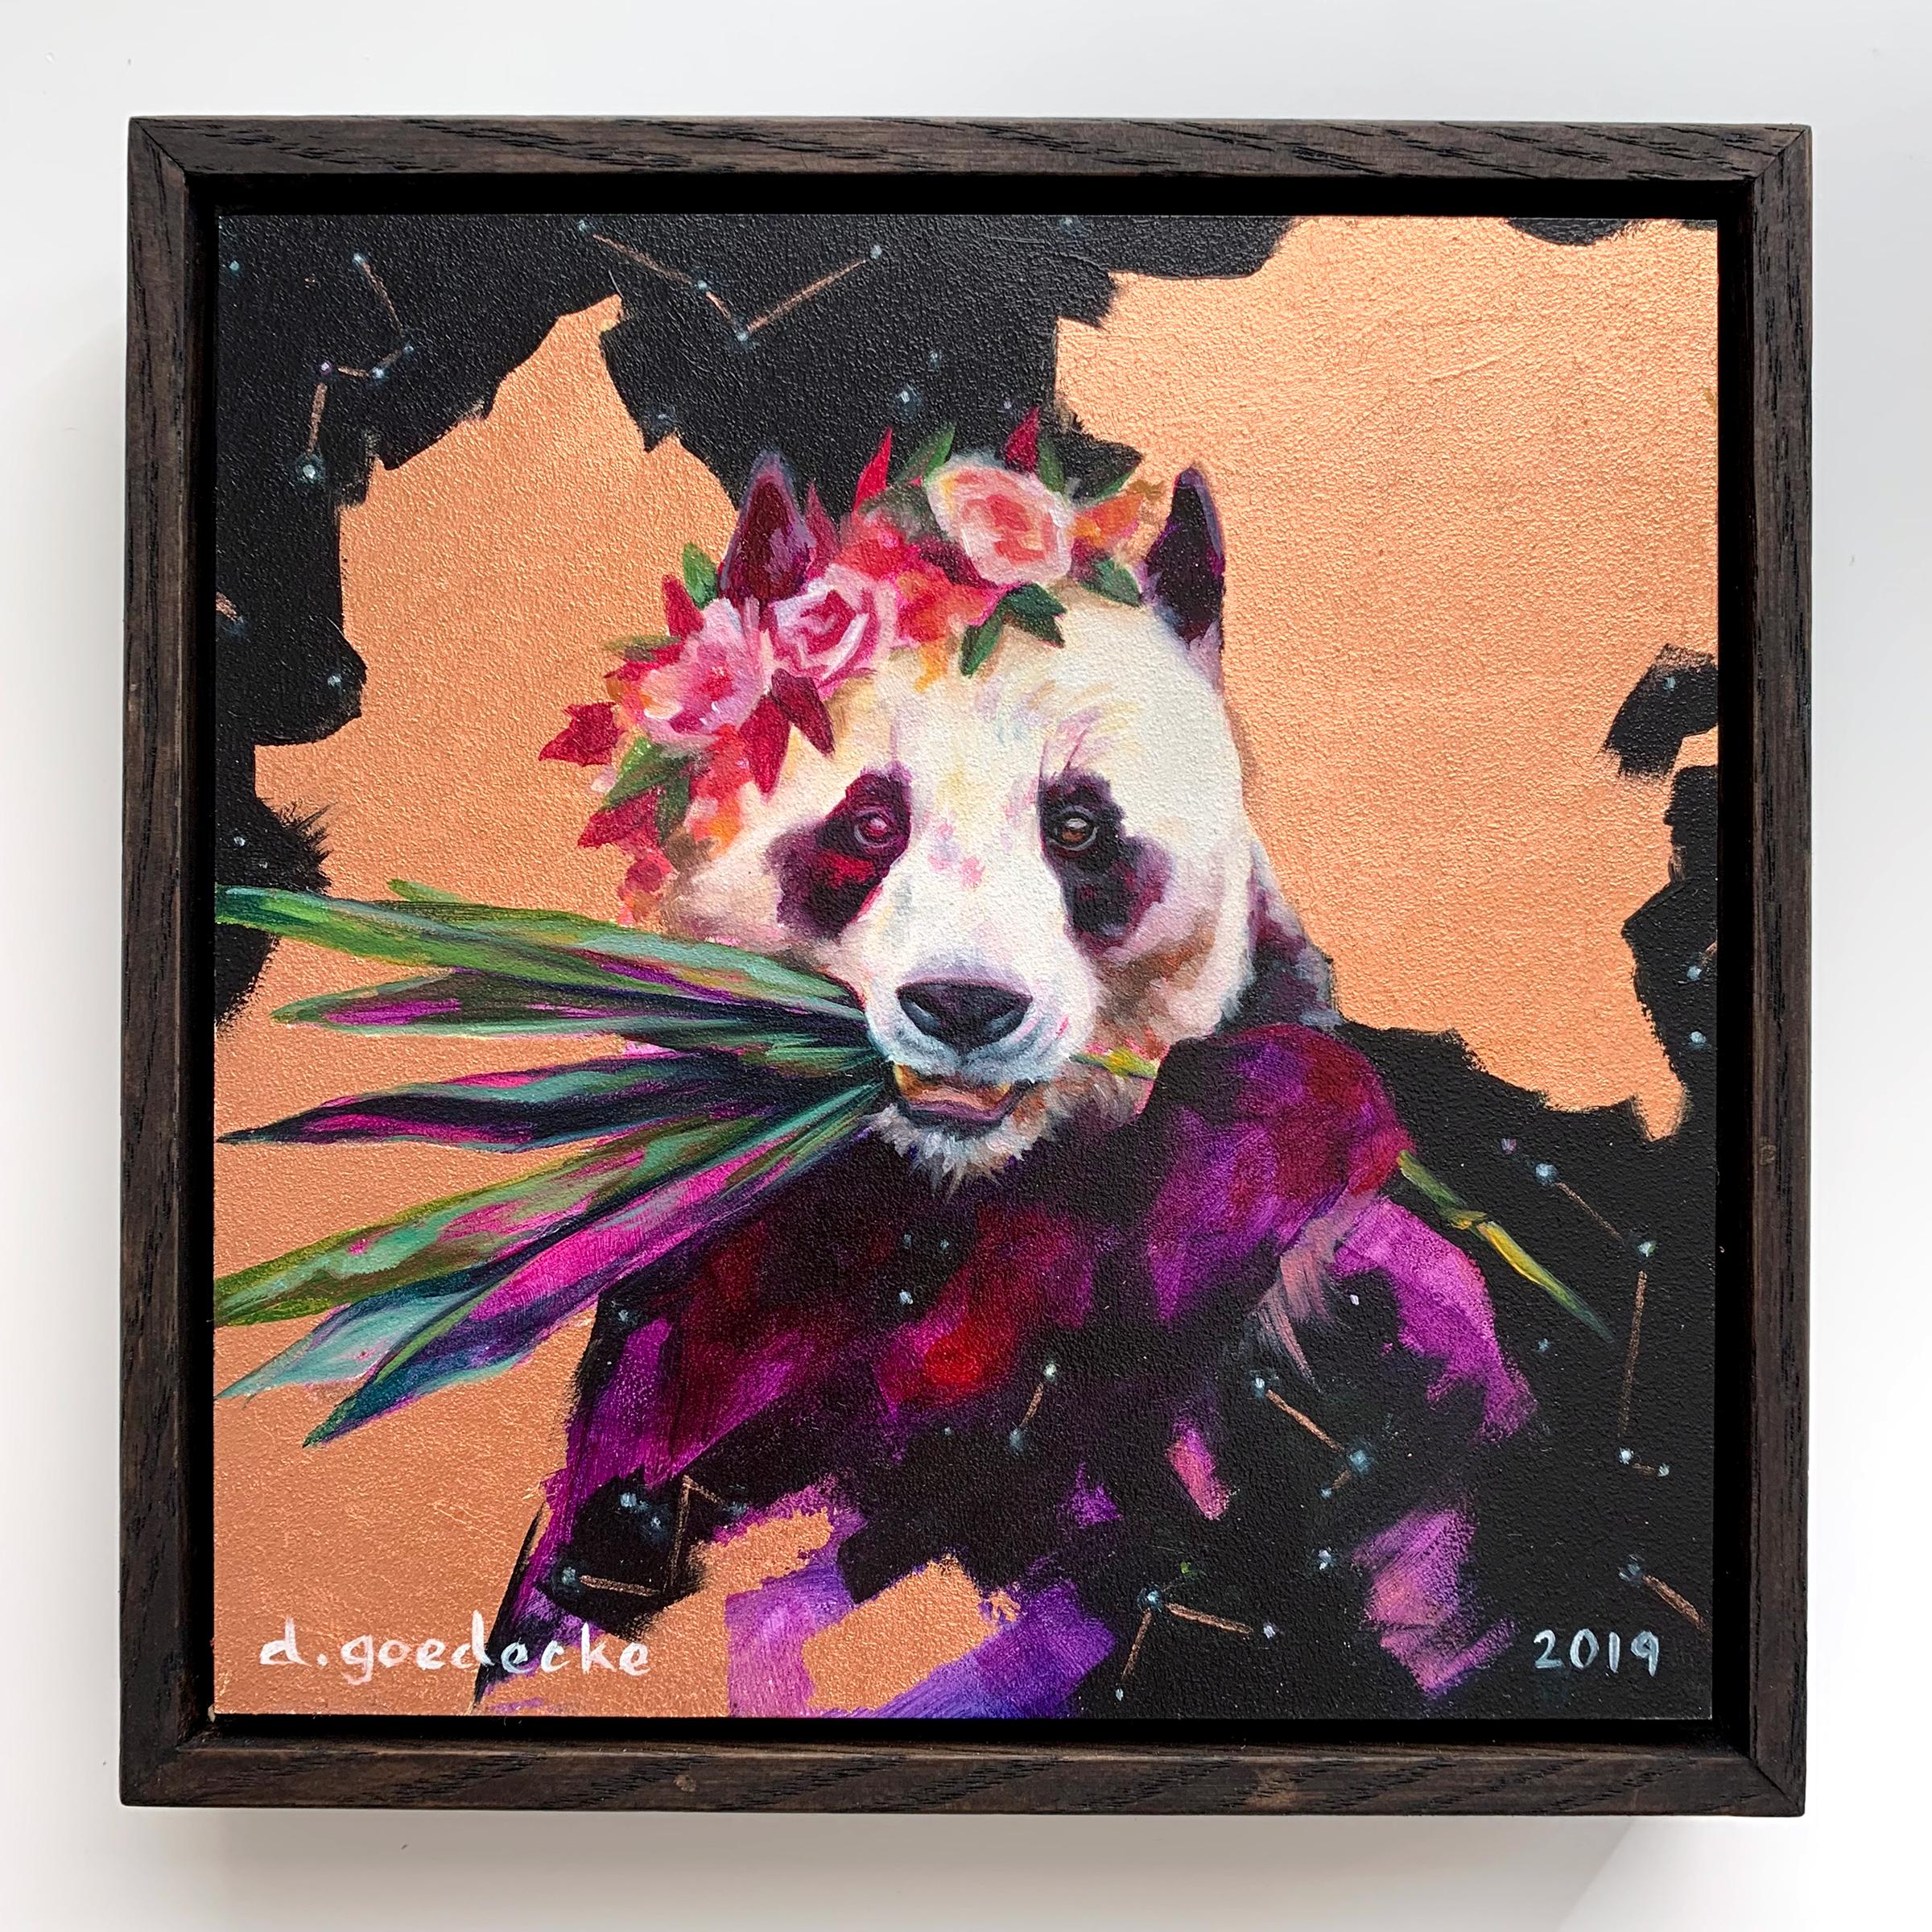 PandaFramedWeb